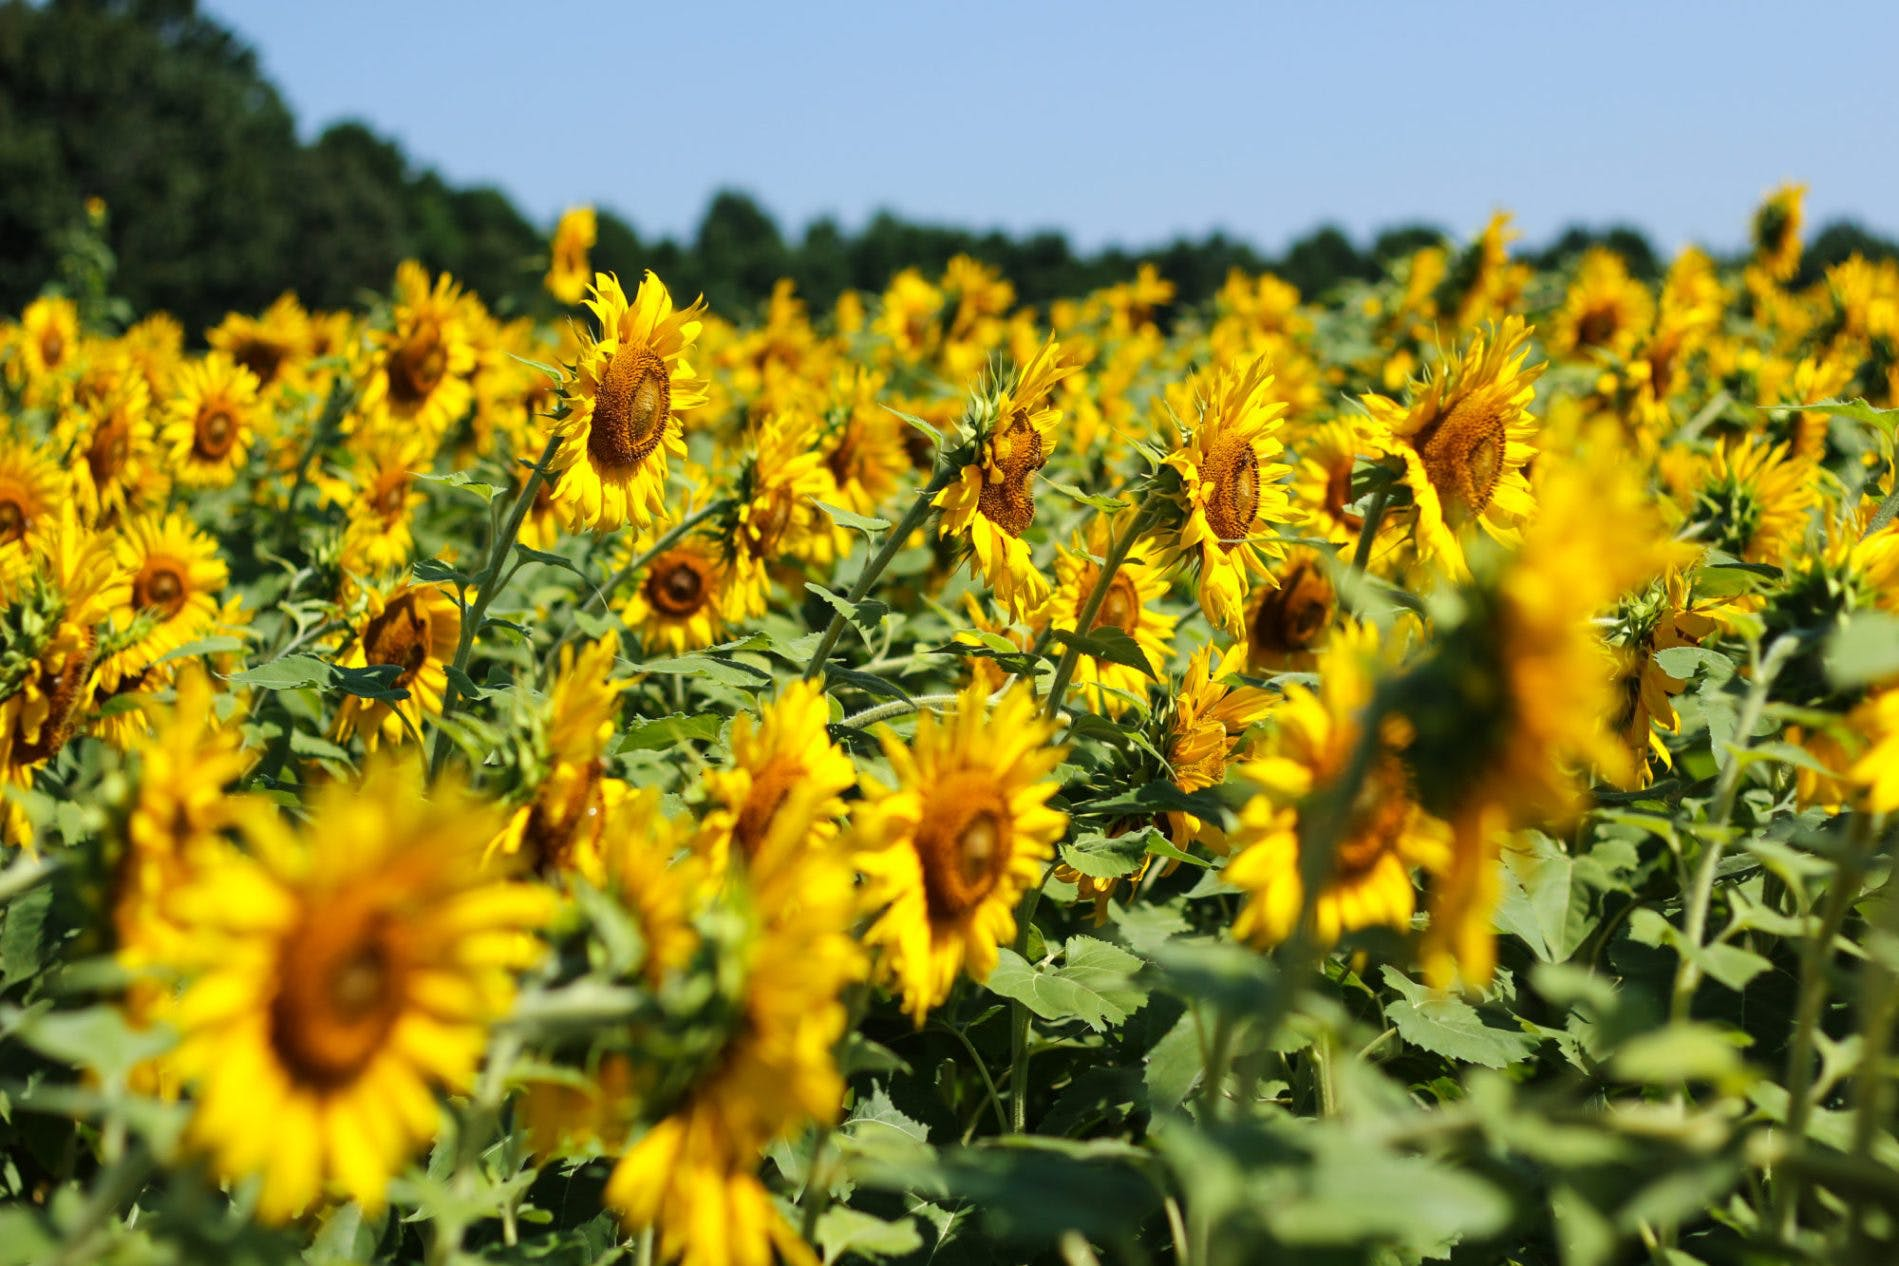 ひまわり, フィールド, 自然, 黄色の無料の写真素材